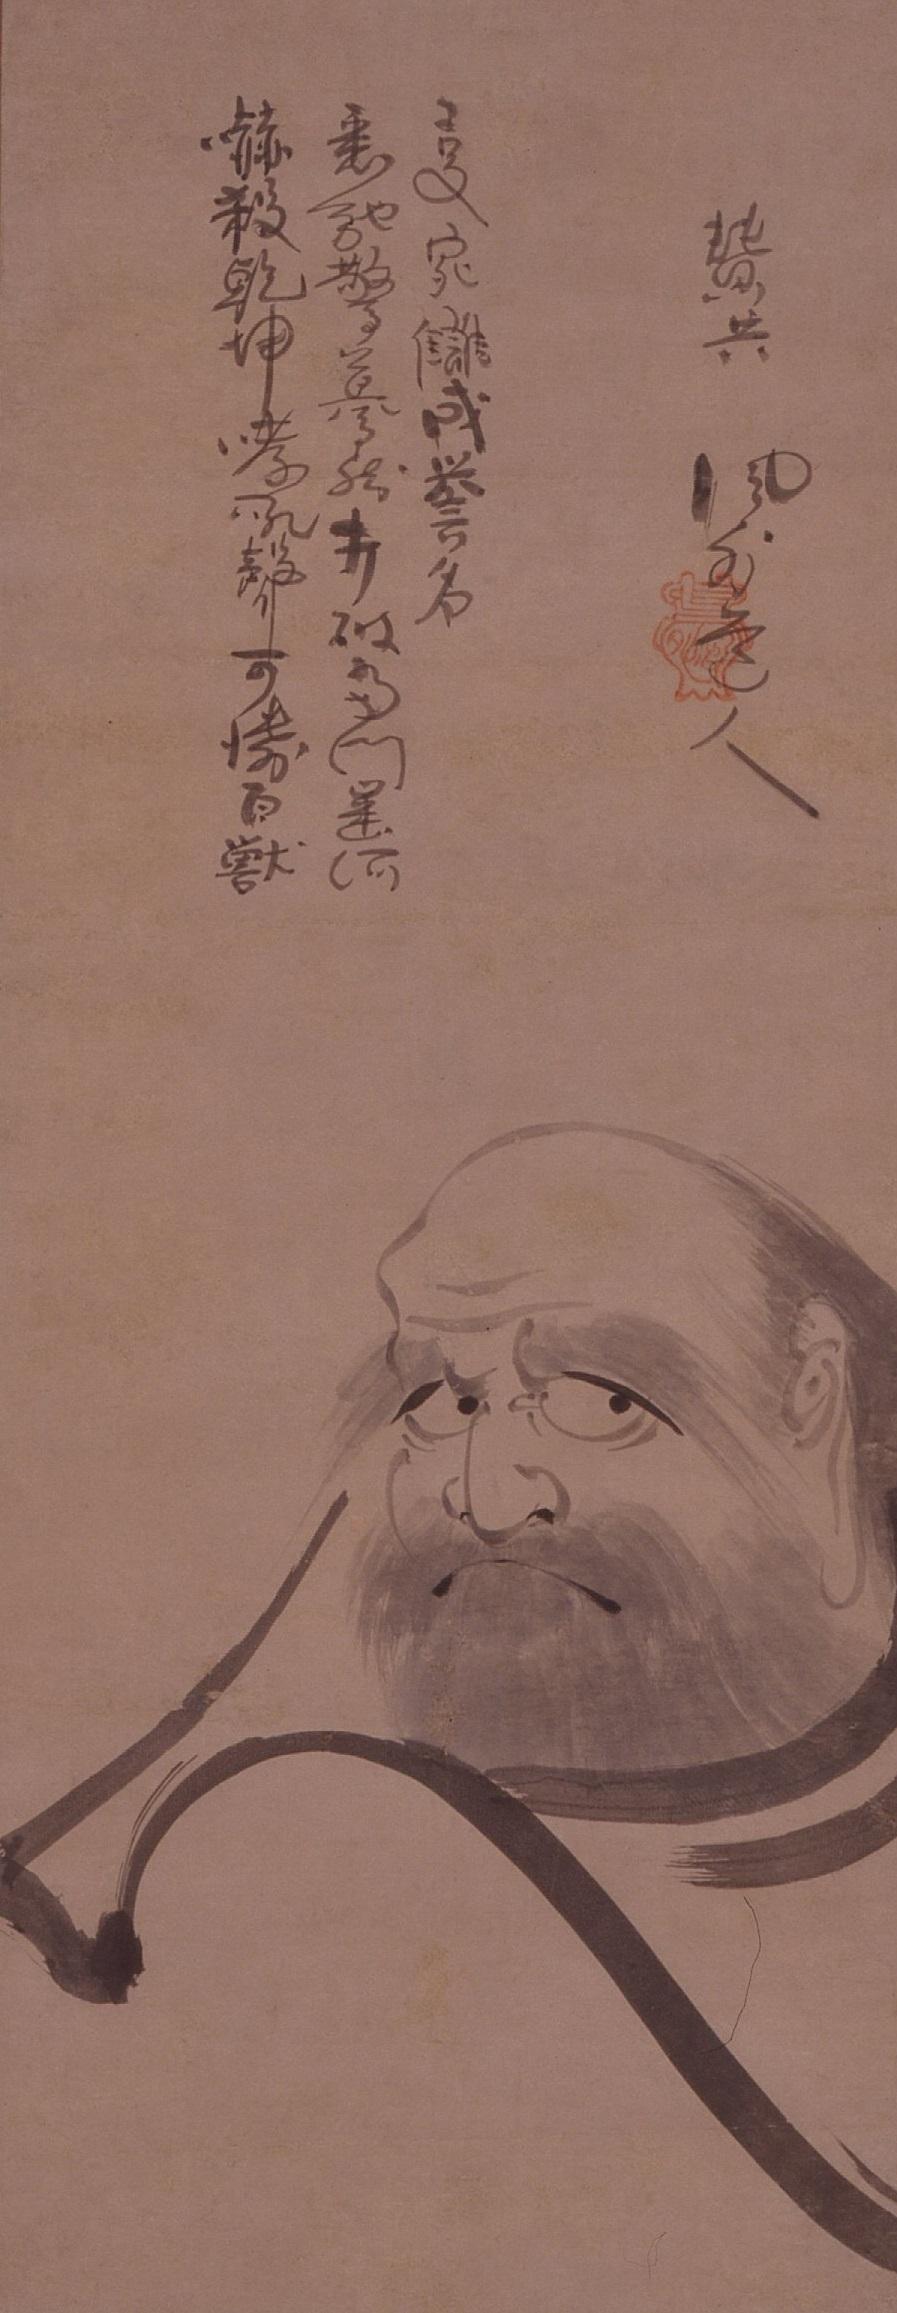 風外作品「達磨図」(平塚市博物館蔵)